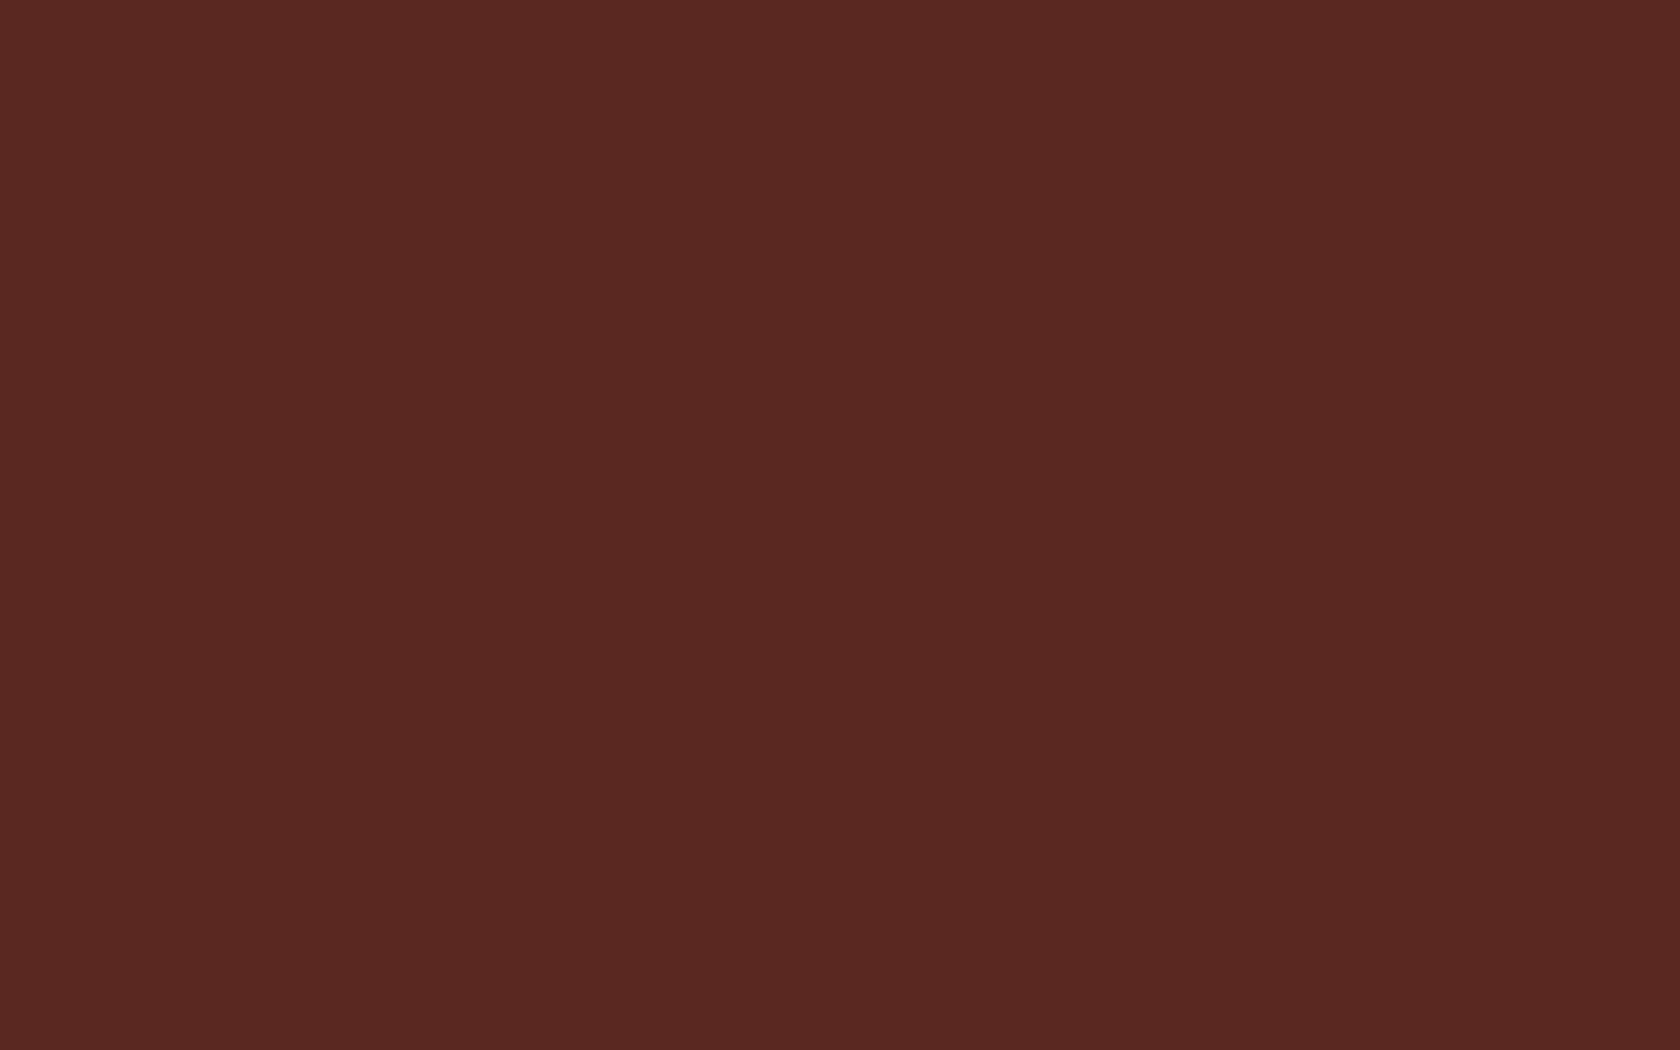 1680x1050 Caput Mortuum Solid Color Background